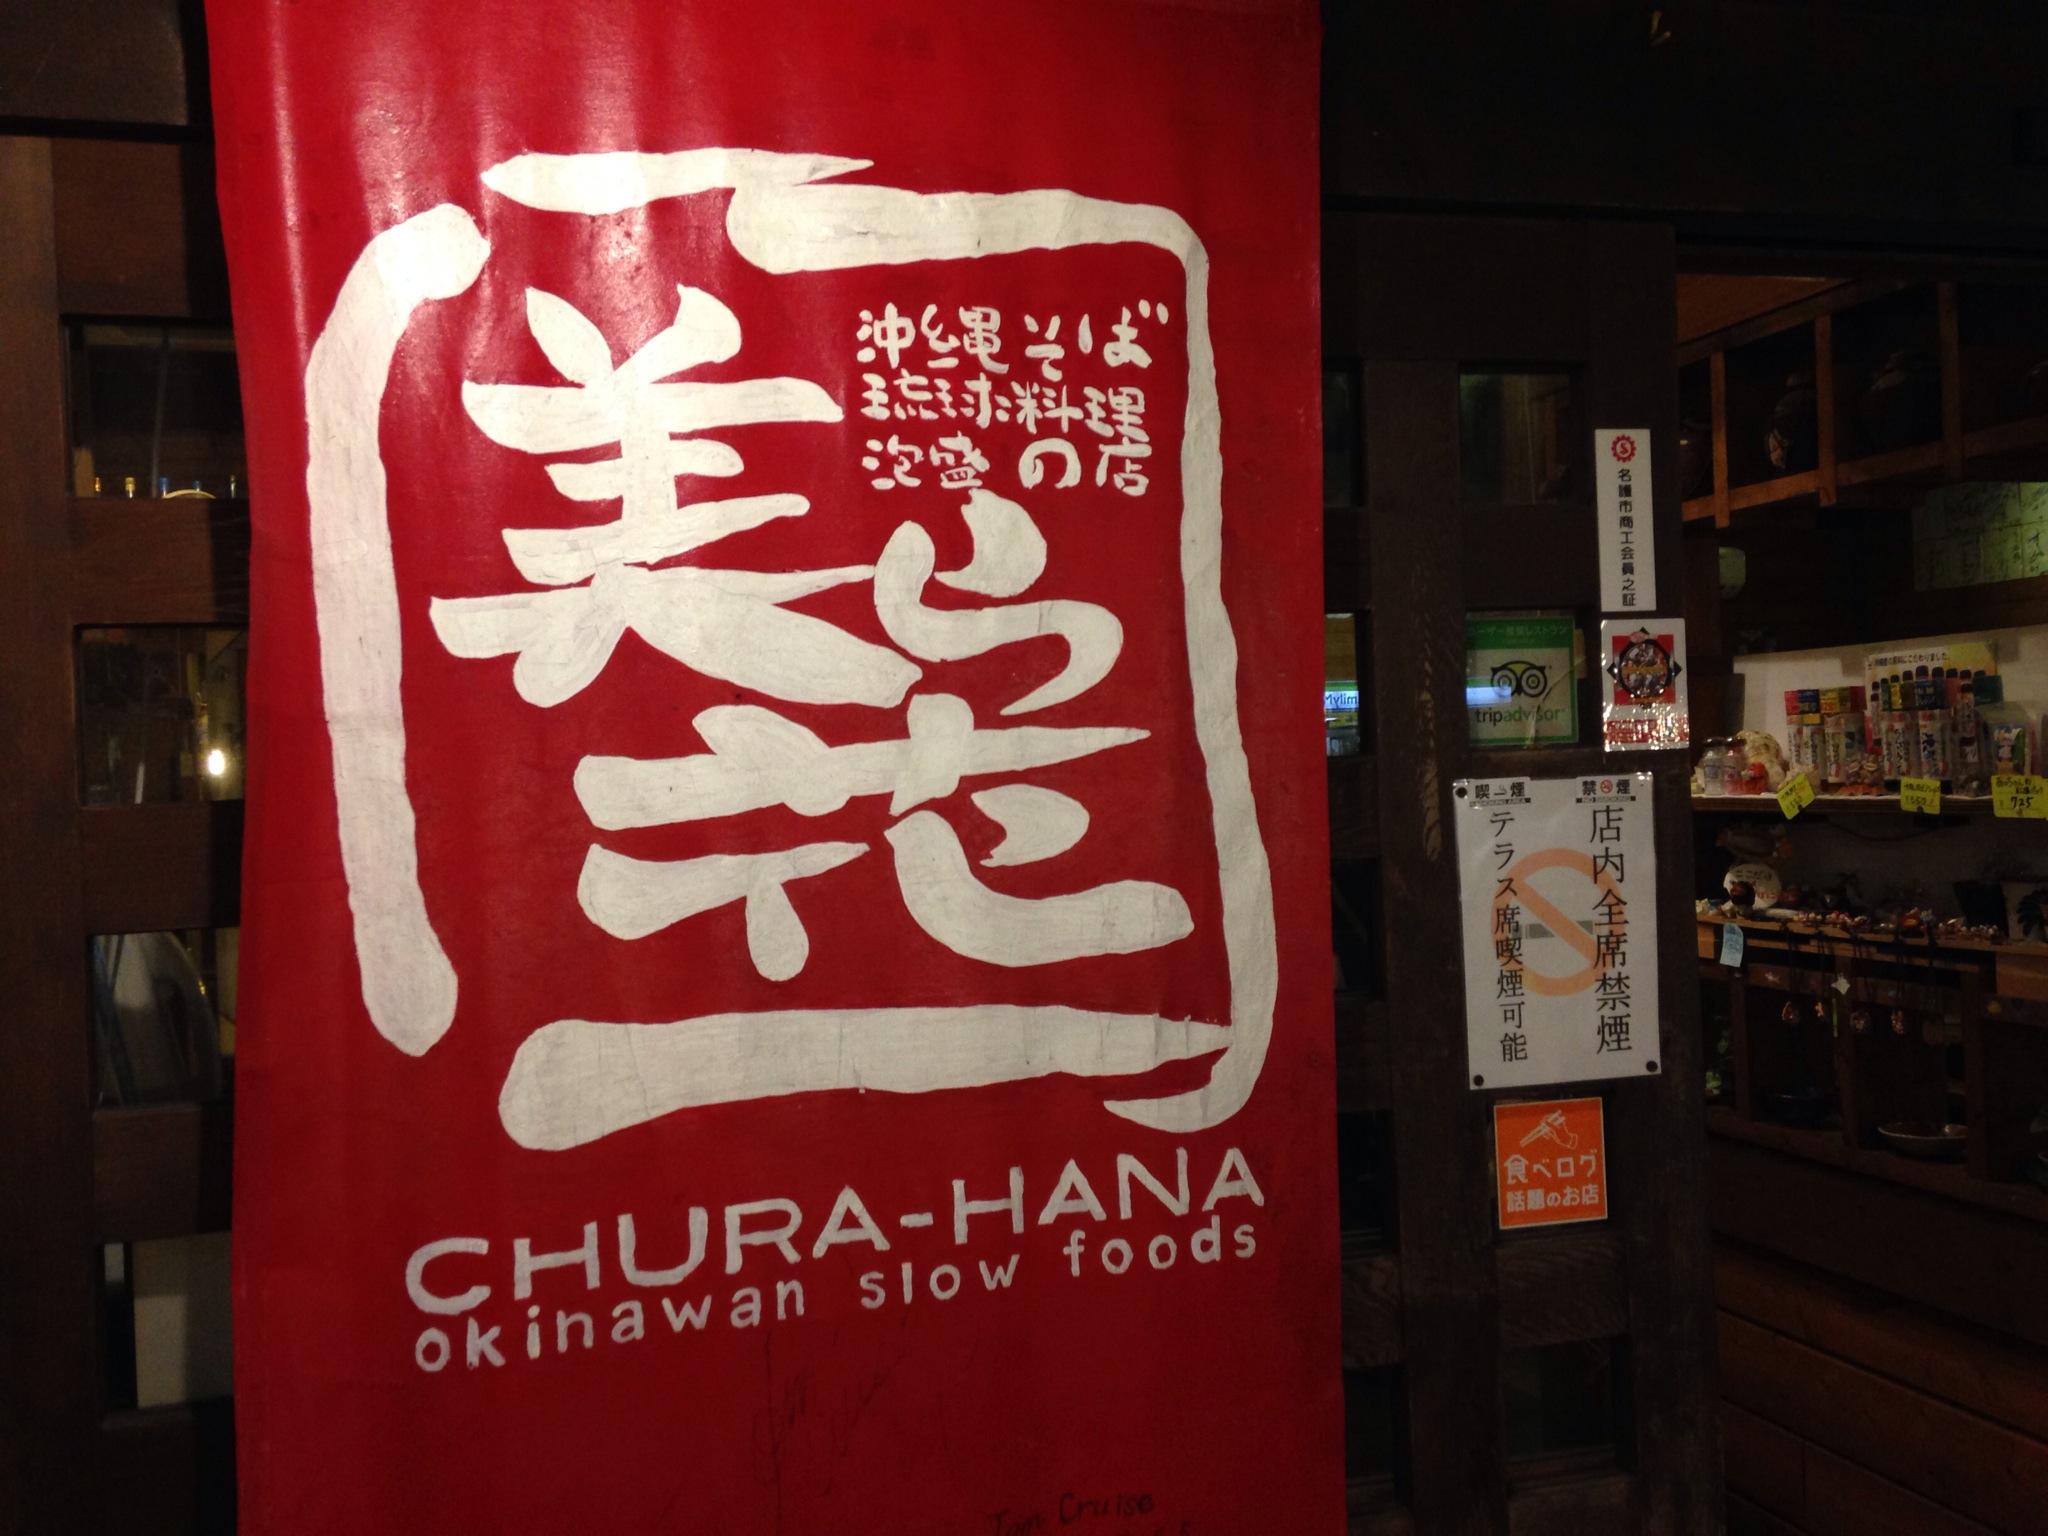 美ら花 名護店、琉球料理・泡盛・沖縄そばを昼も夜も楽しめる、名護で定番の美味しい居酒屋さんは期待通りでした!